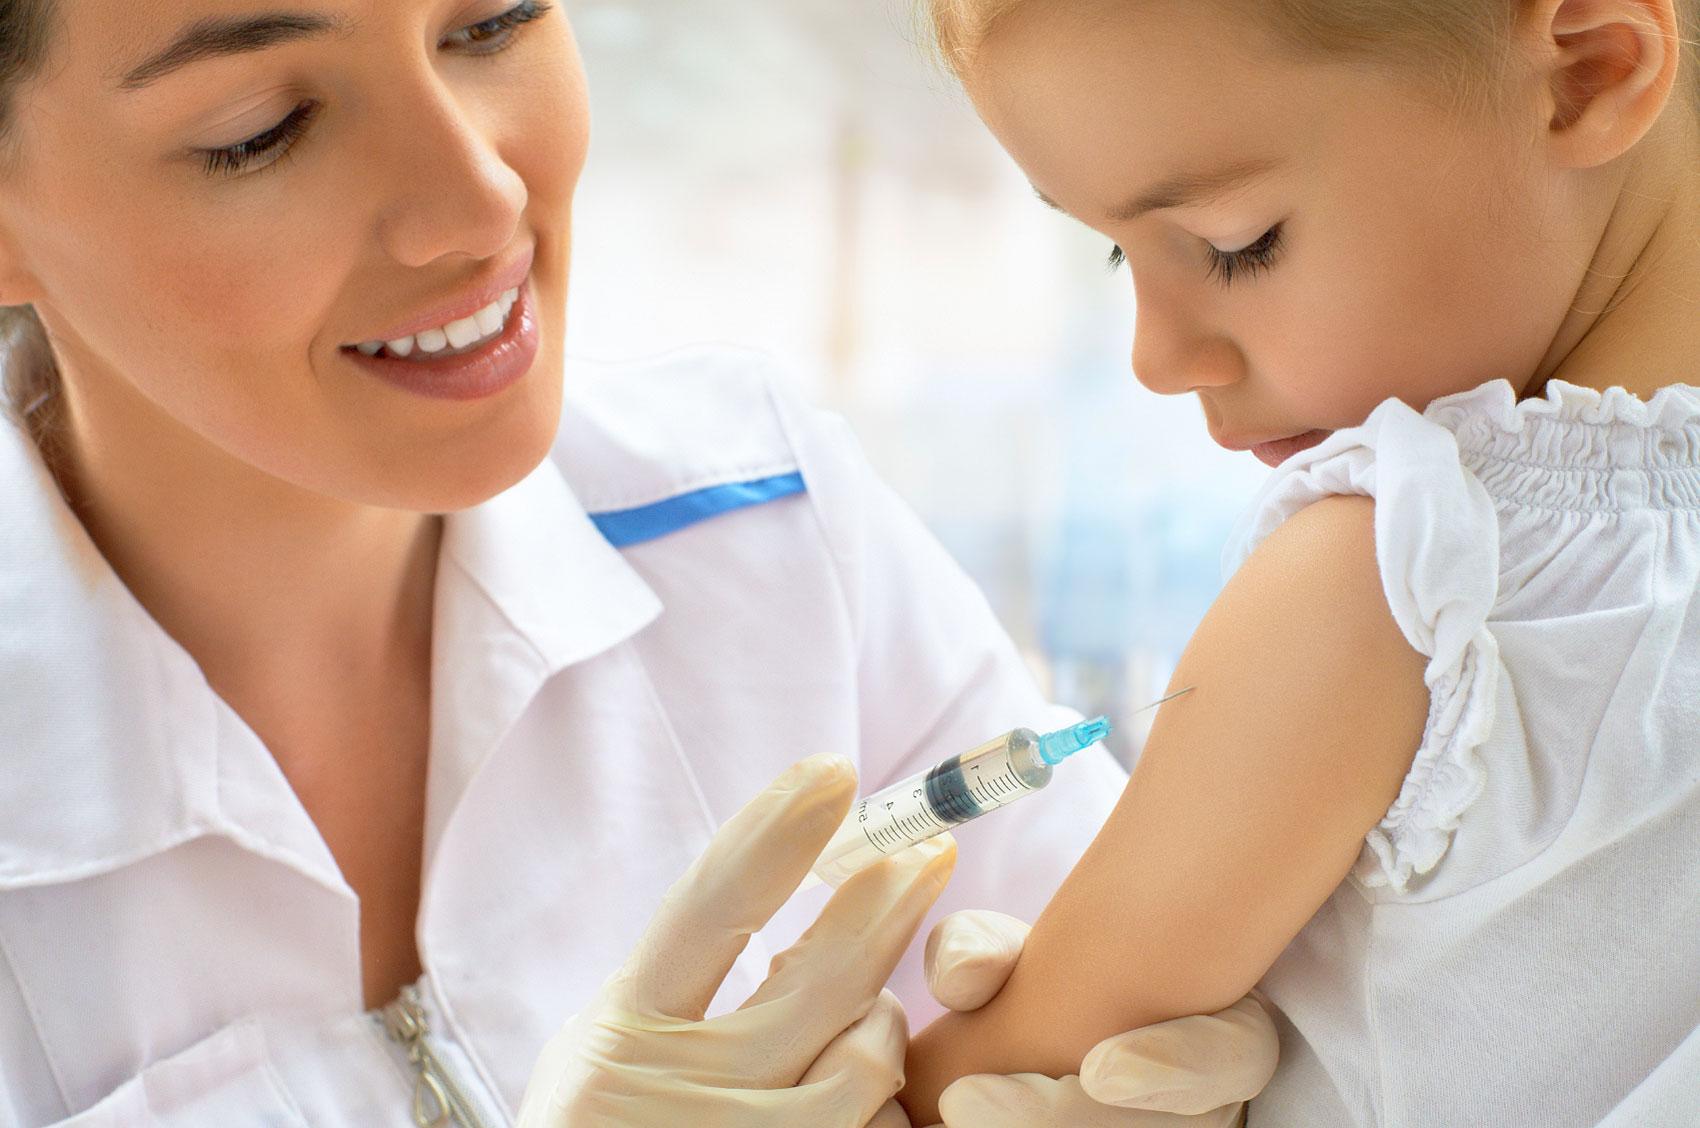 Vaccini obbligatori: il decreto Lorenzin lede i diritti dei minori?